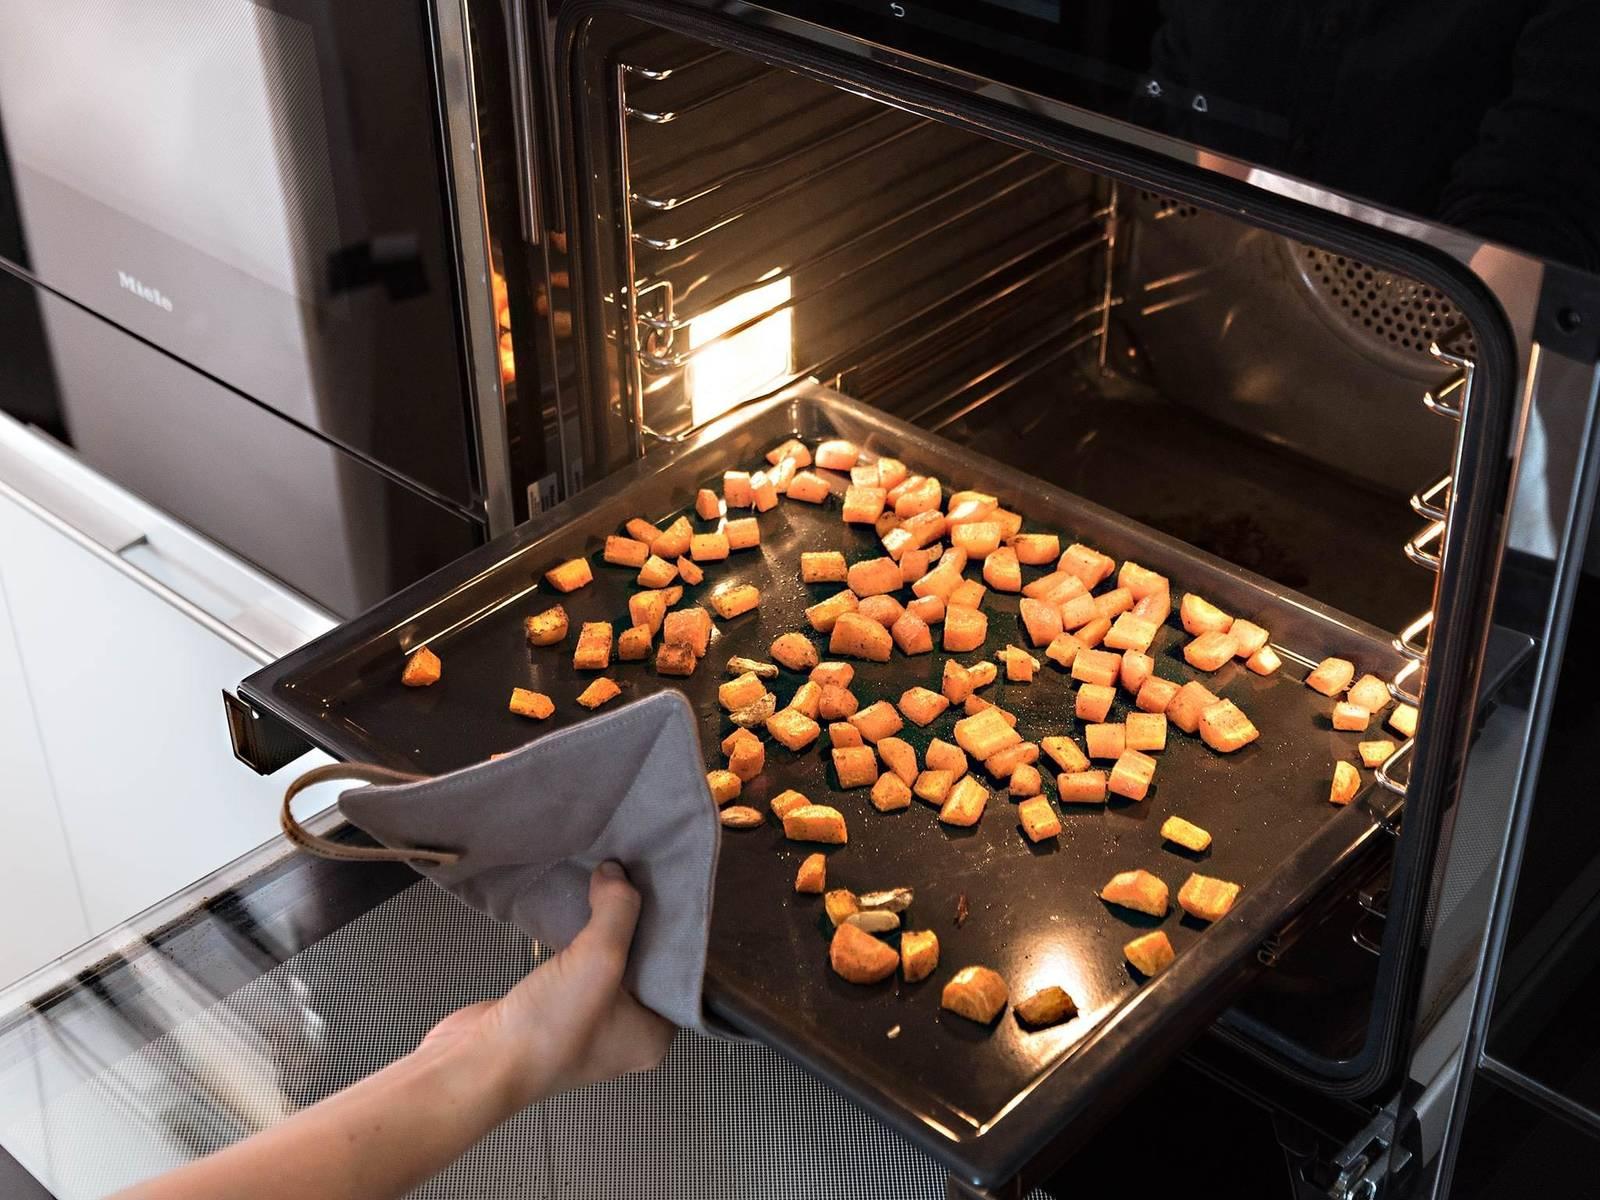 将胡萝卜混合物倒入烤盘中,放进烤箱,以200℃烤20分钟,直至胡萝卜变软。